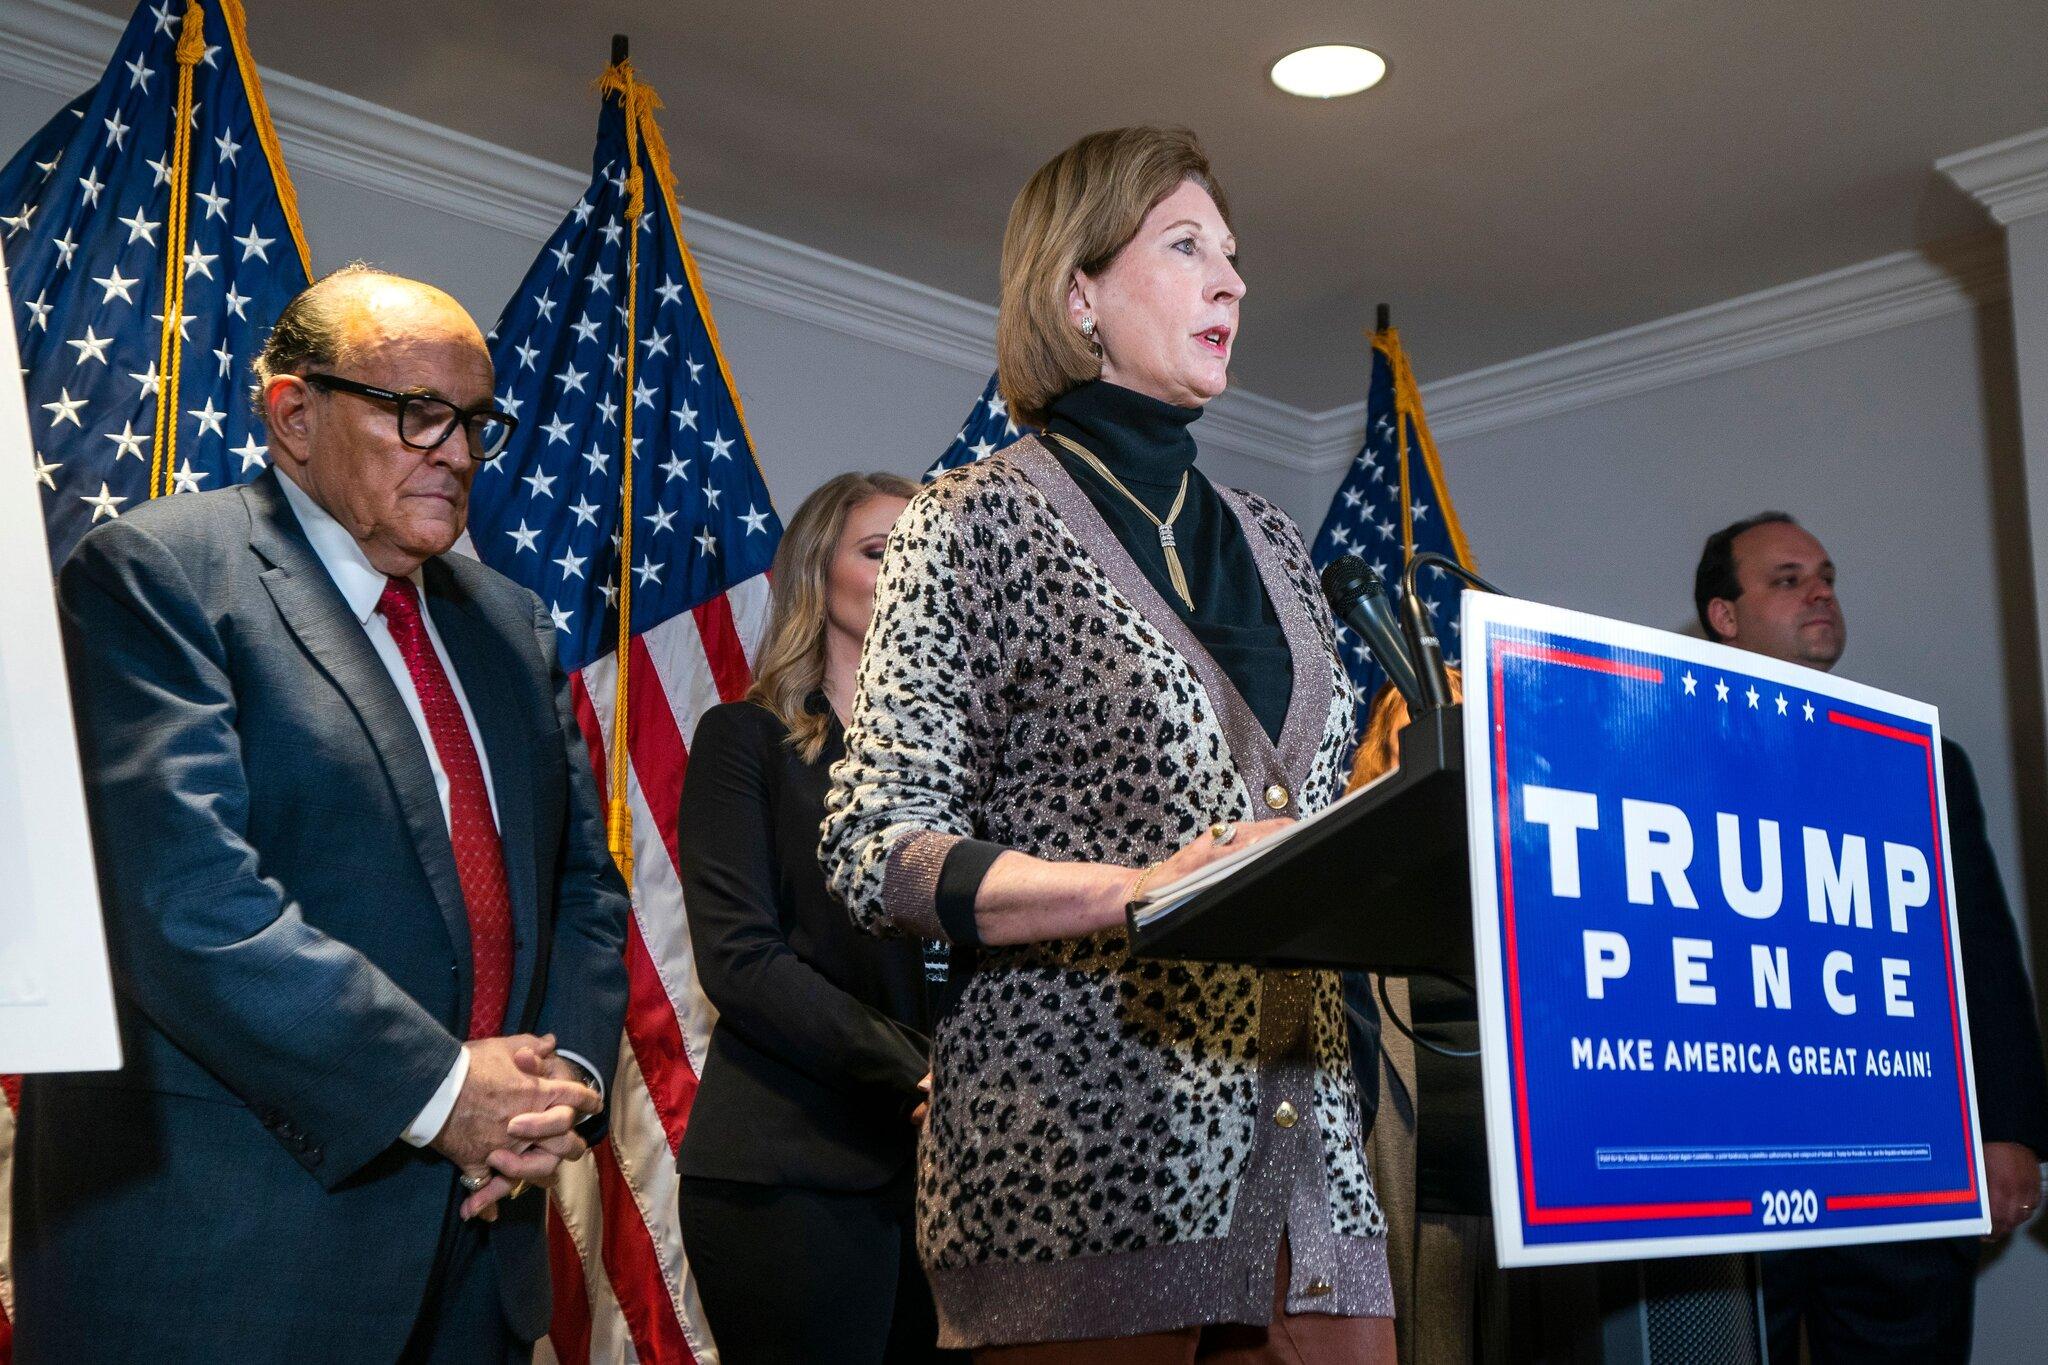 Ύστατη προσπάθεια από τον Τραμπ: Θέλει να διορίσει Ειδικό Εισαγγελέα για να ανατρέψει το αποτέλεσμα των προεδρικών εκλογών